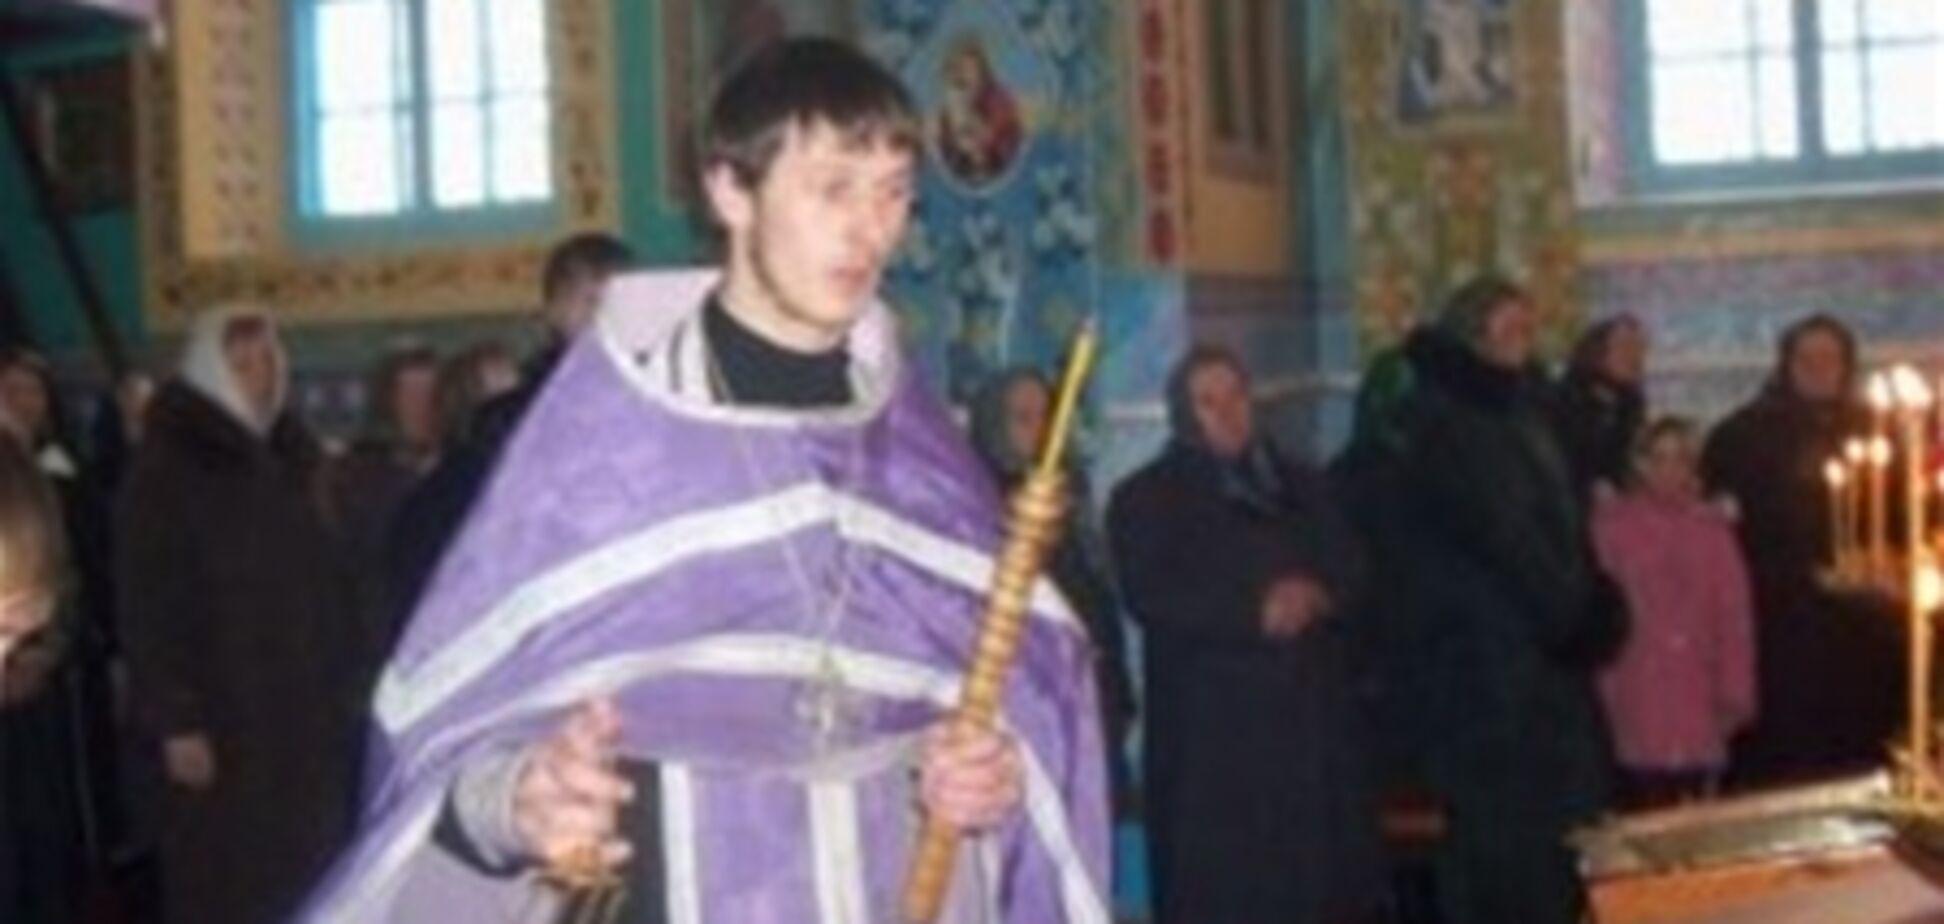 Священнику УПЦ МП дали условный срок за секс с несовершеннолетней